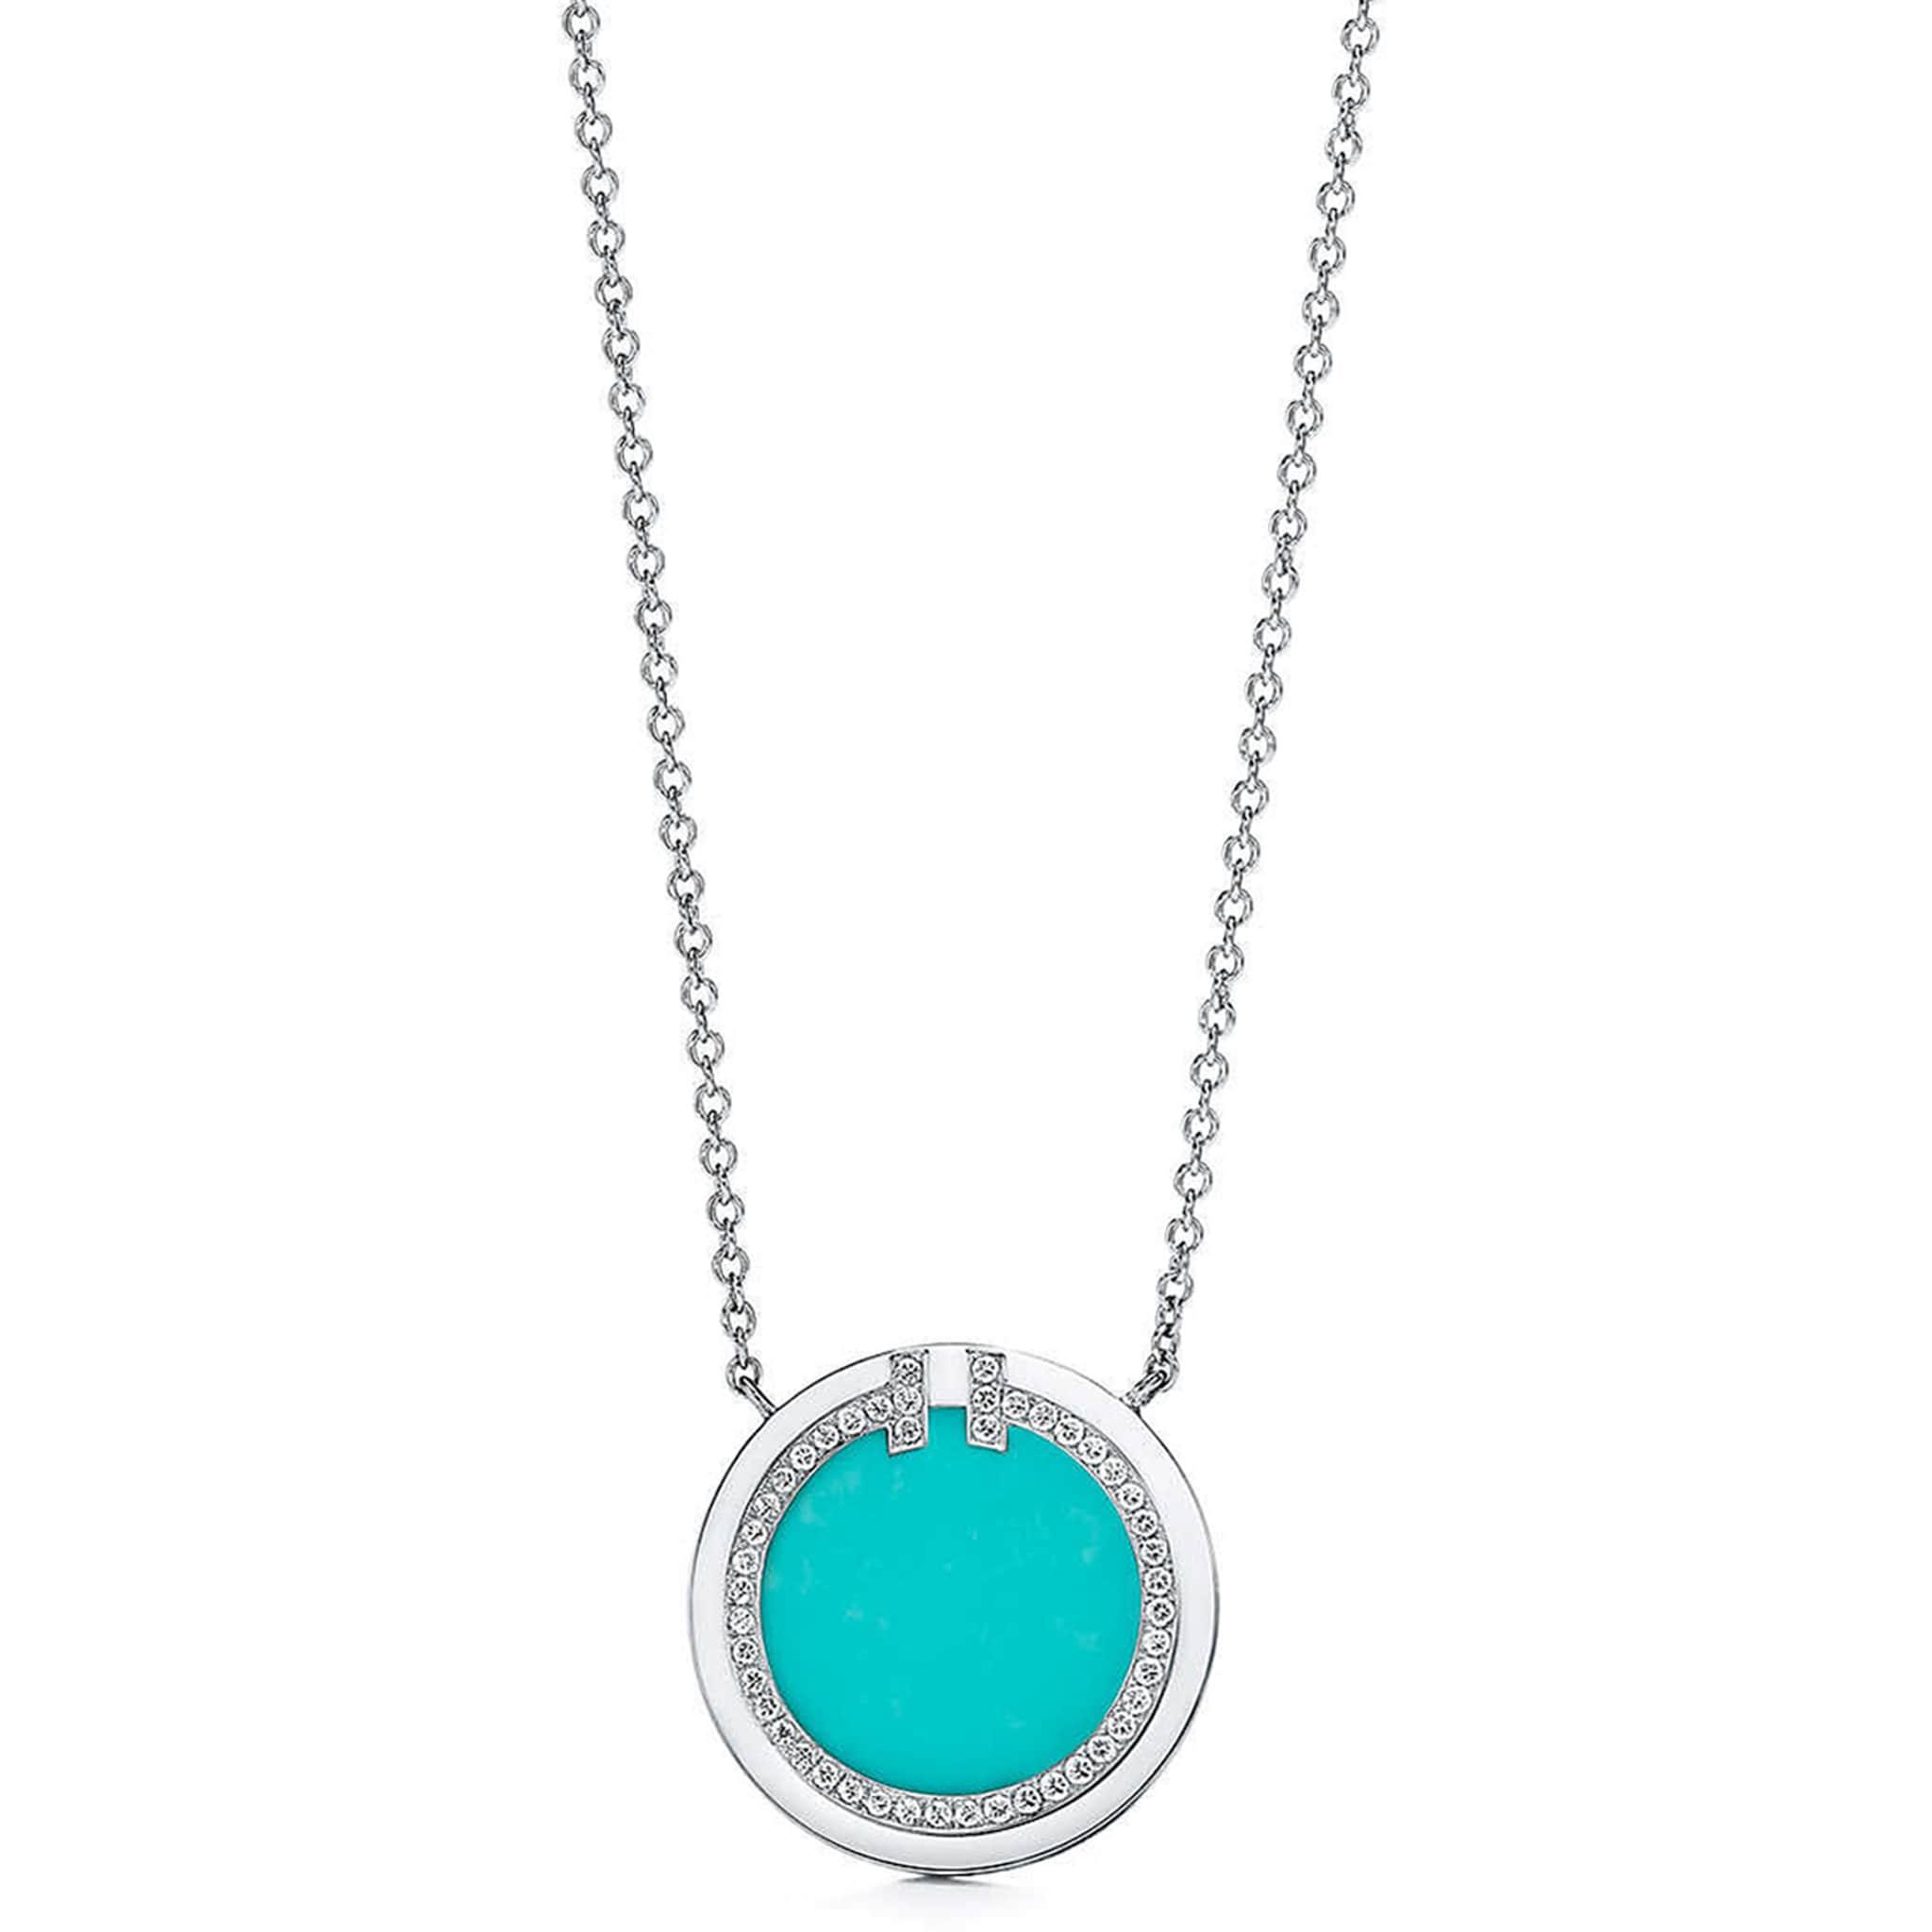 TIFFANY & CO. Pendente Circle, collezione T, in oro bianco con turchese e pavé di diamanti.